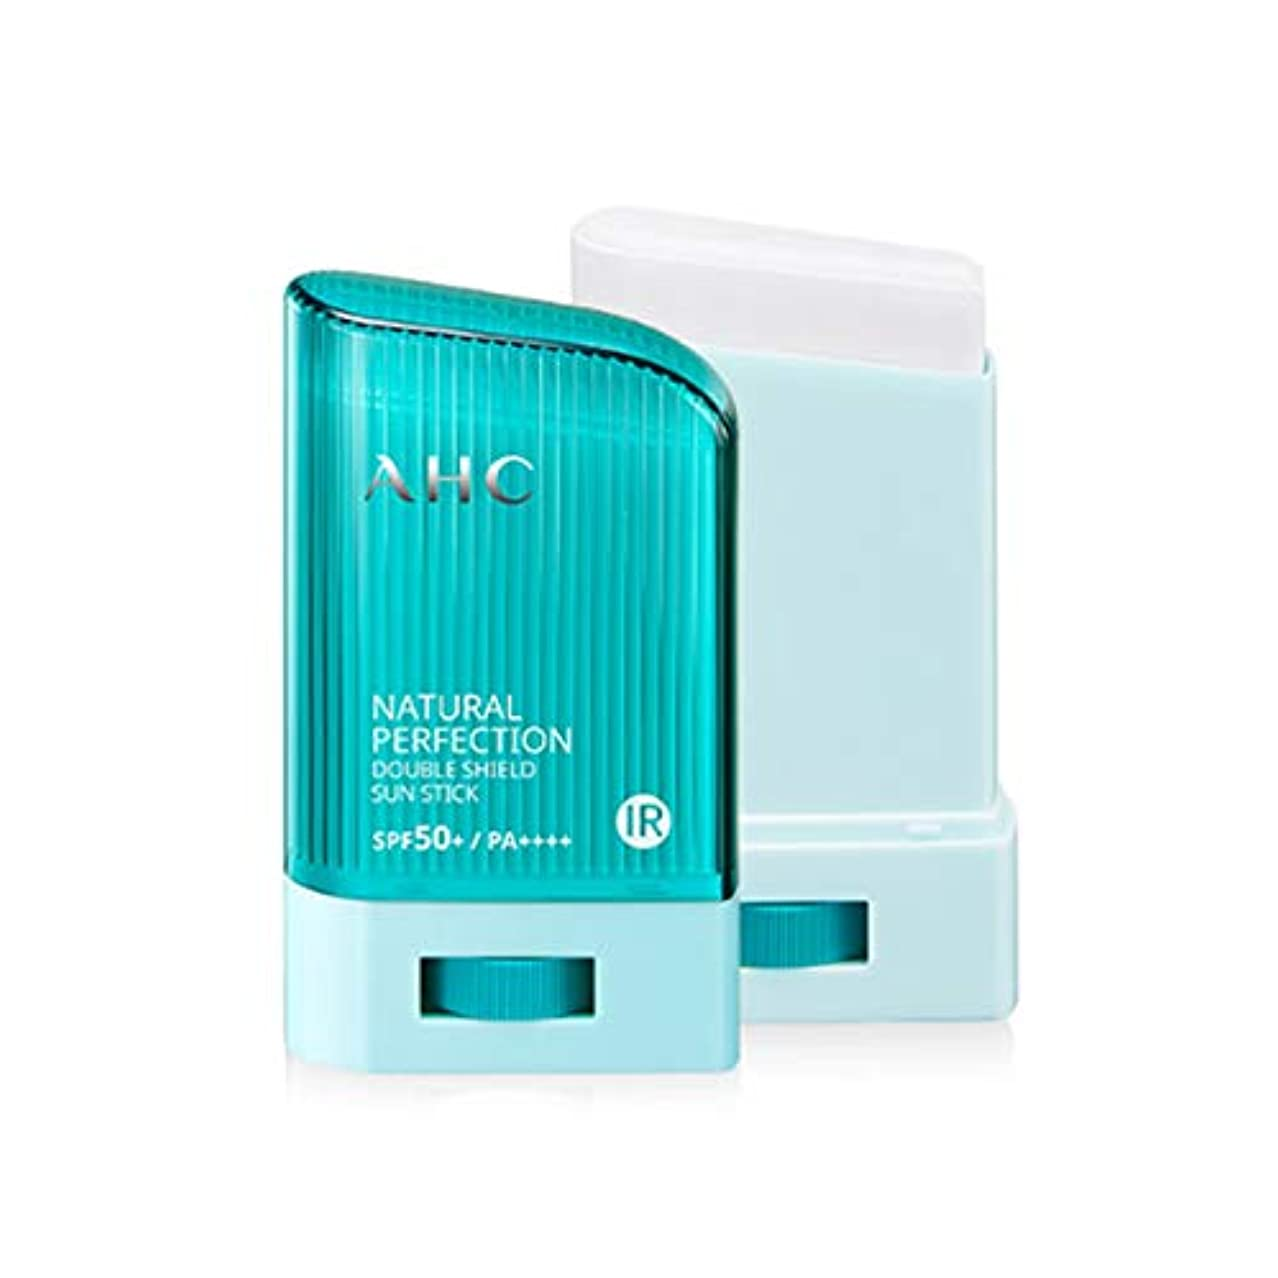 テクニカル予想外宿題AHC ナチュラルパーフェクションダブルシールドサンスティック ブルー Natural Perfection Double Shield Sun Stick BLUE [並行輸入品] (22g)